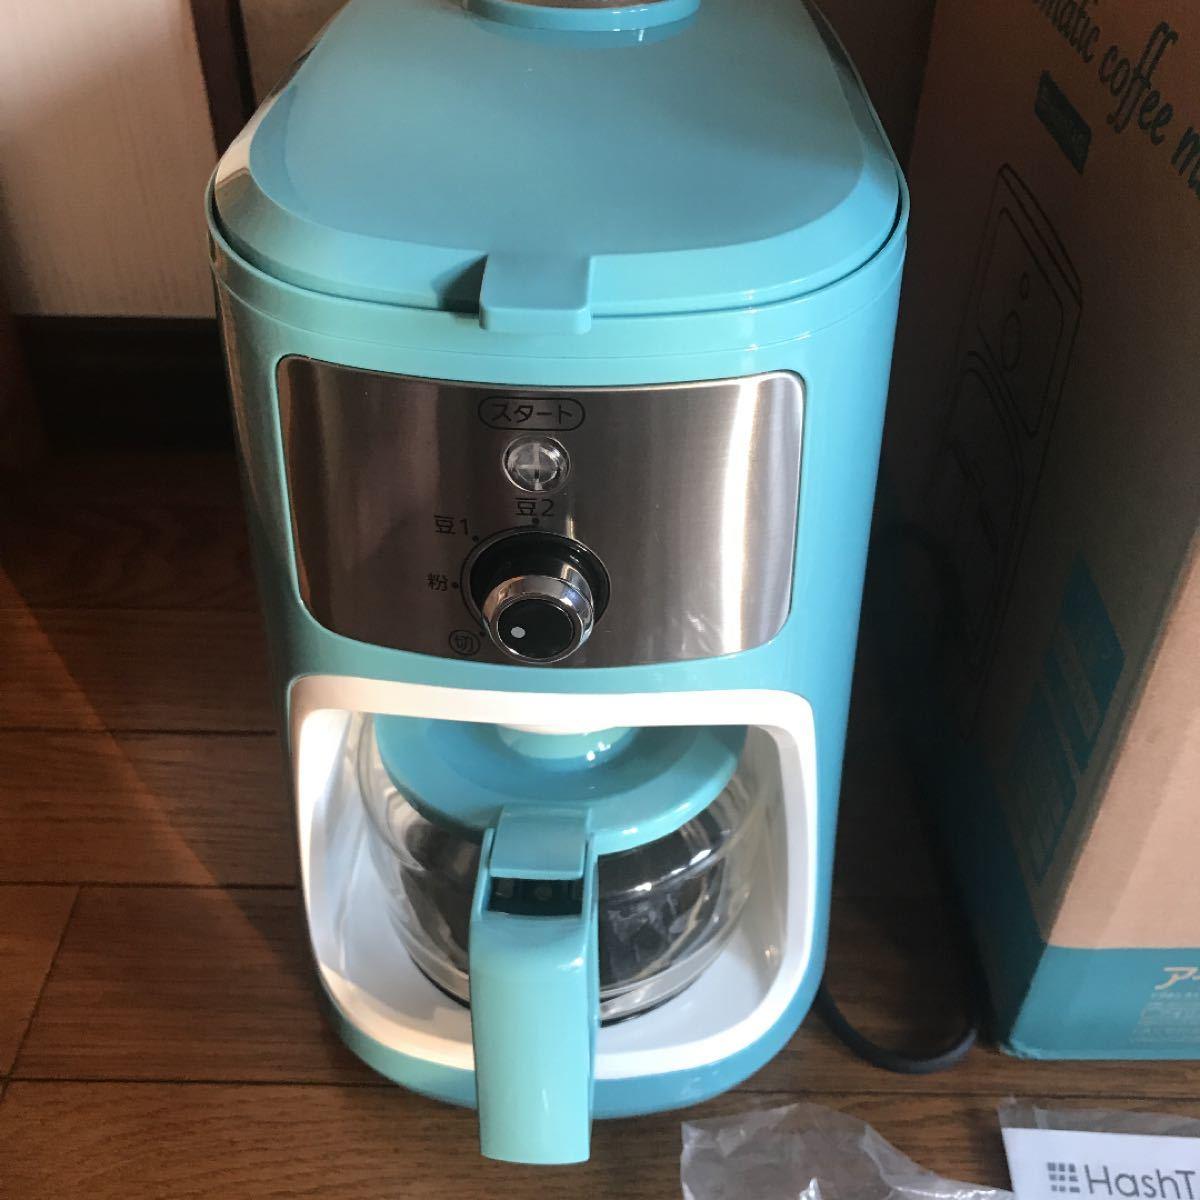 コーヒー コーヒーメーカー コーヒー全自動 全自動コーヒーメーカー